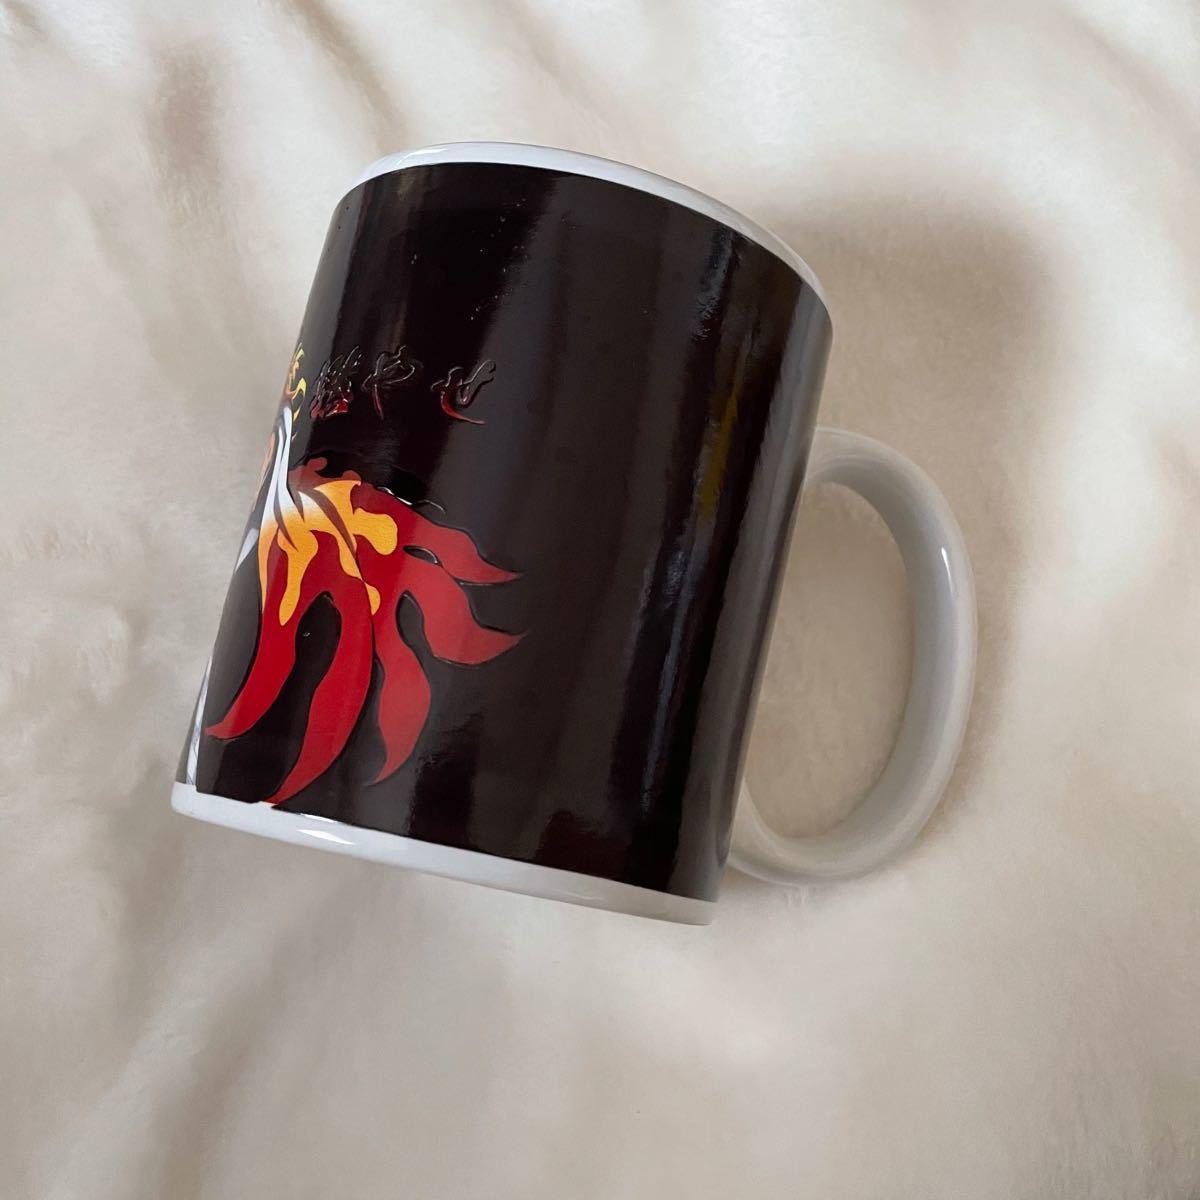 鬼滅の刃 マグカップ 煉獄杏寿郎